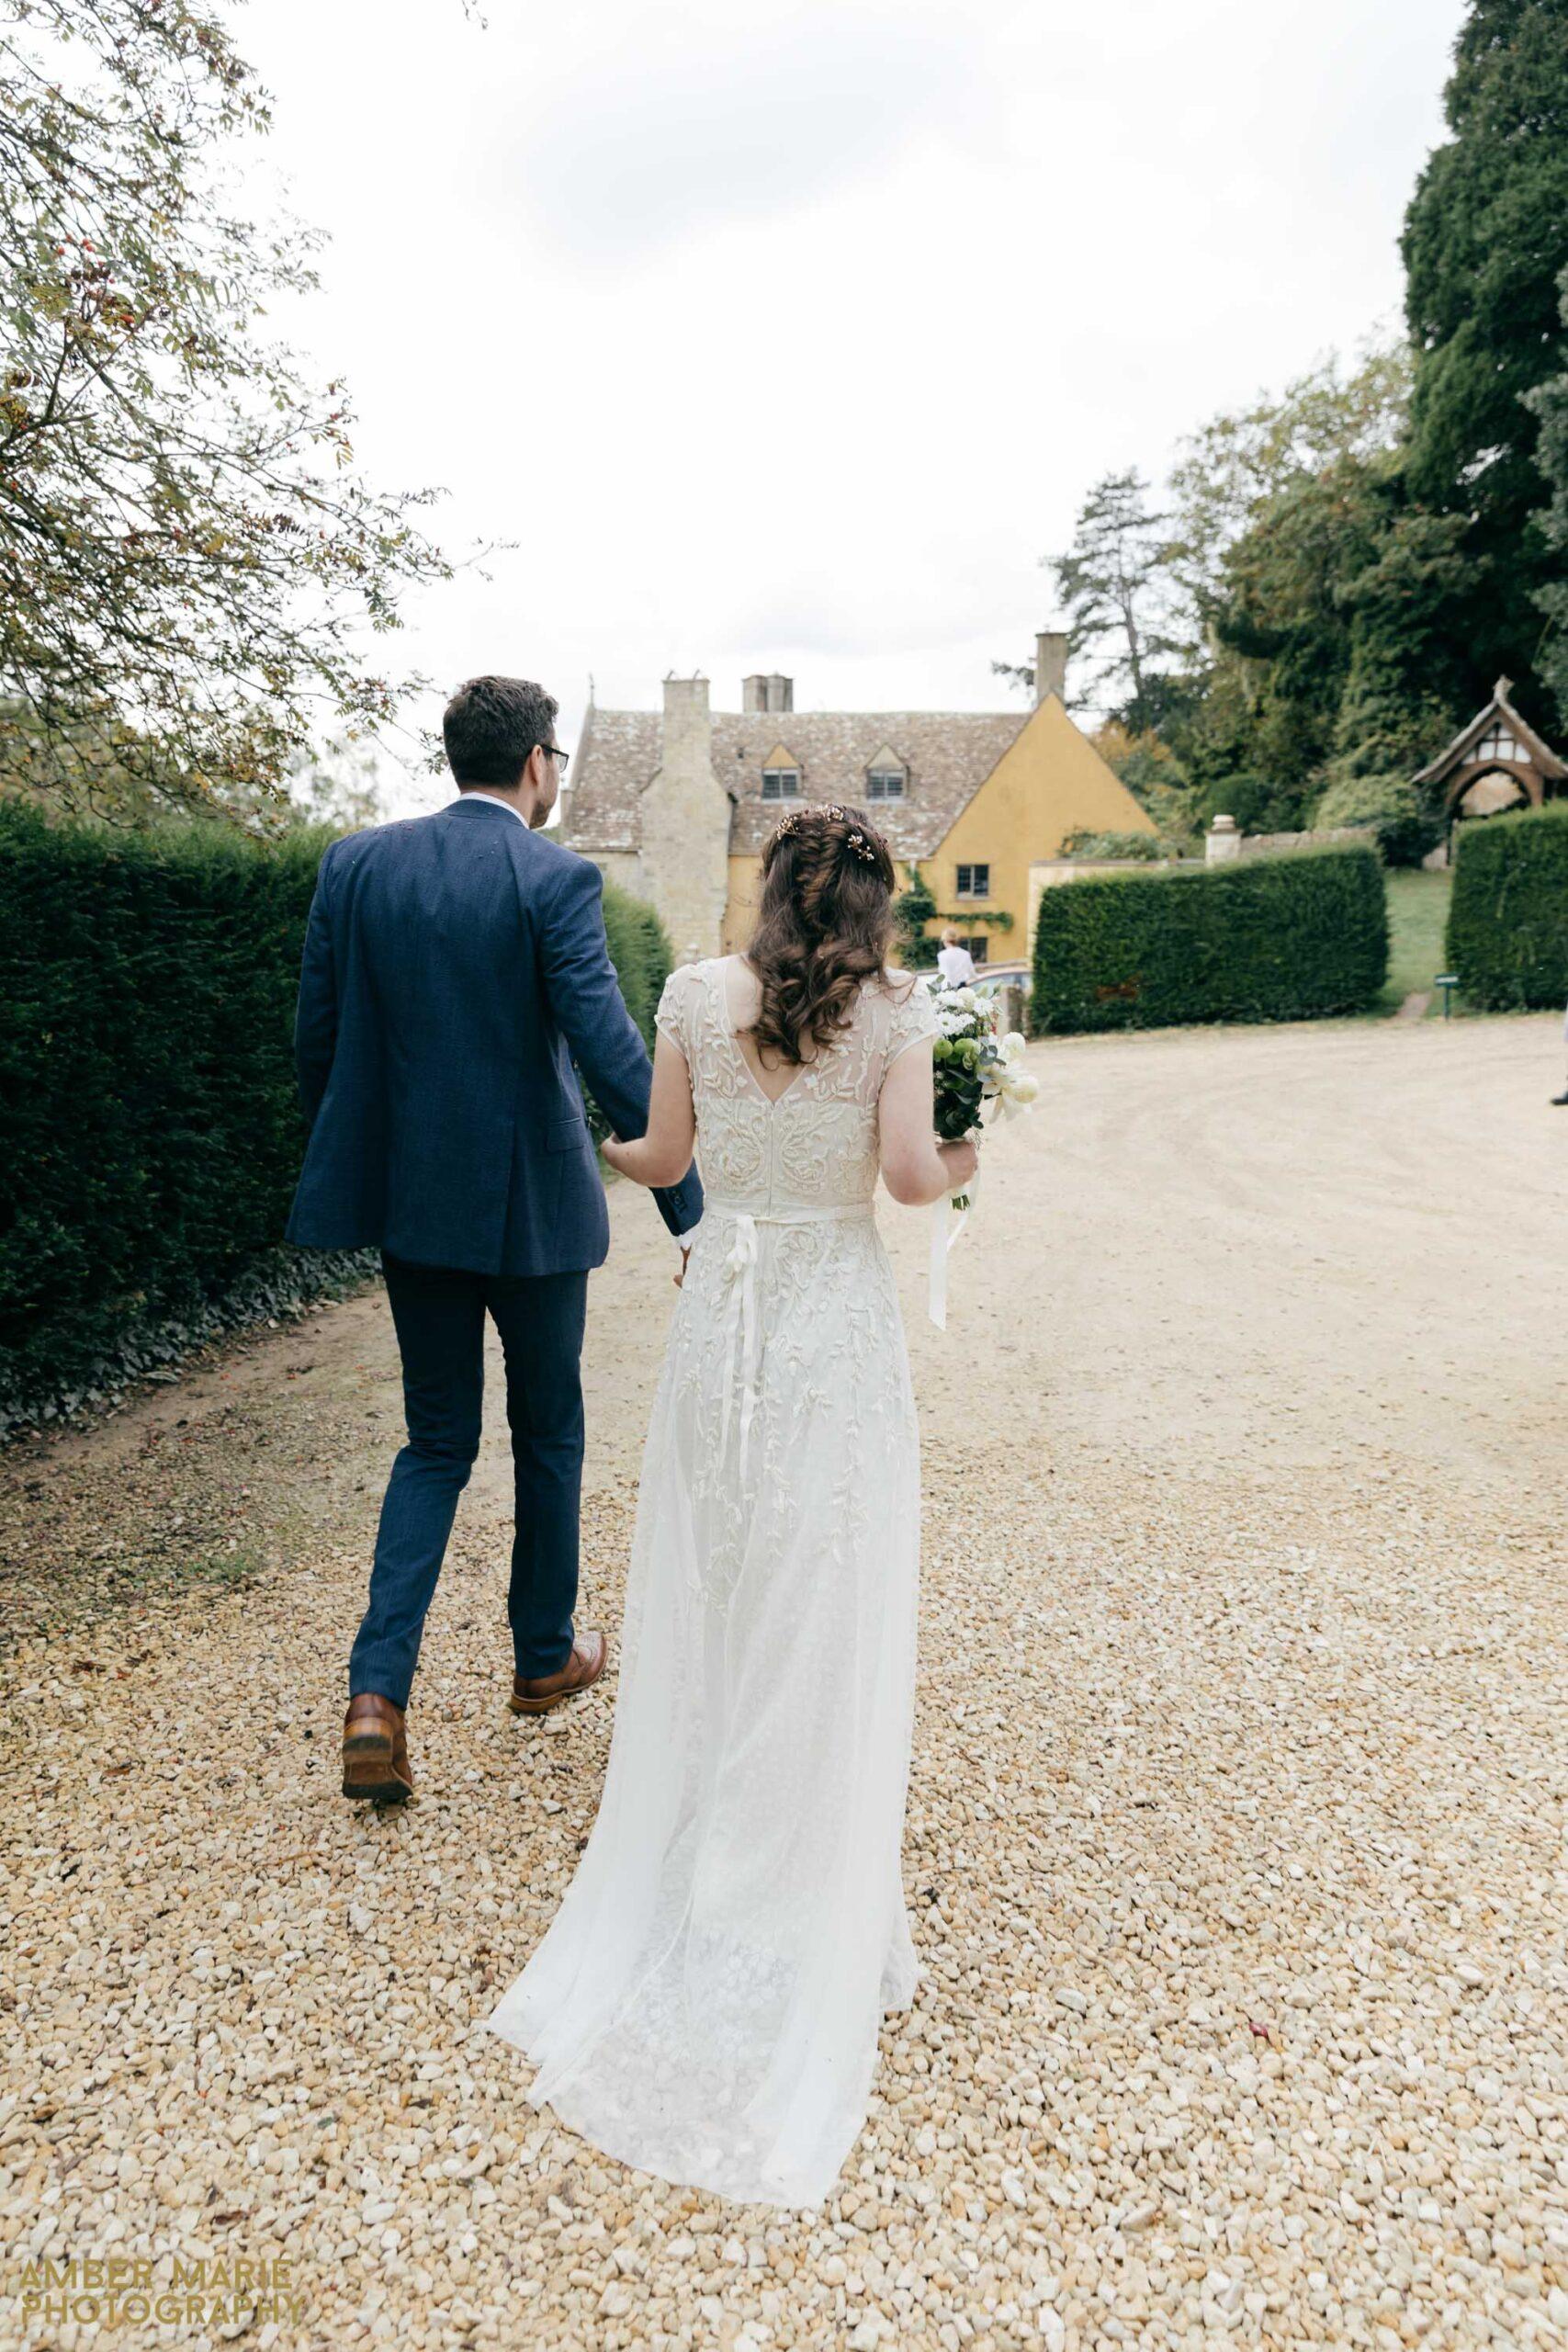 Owlpen Manor weddings